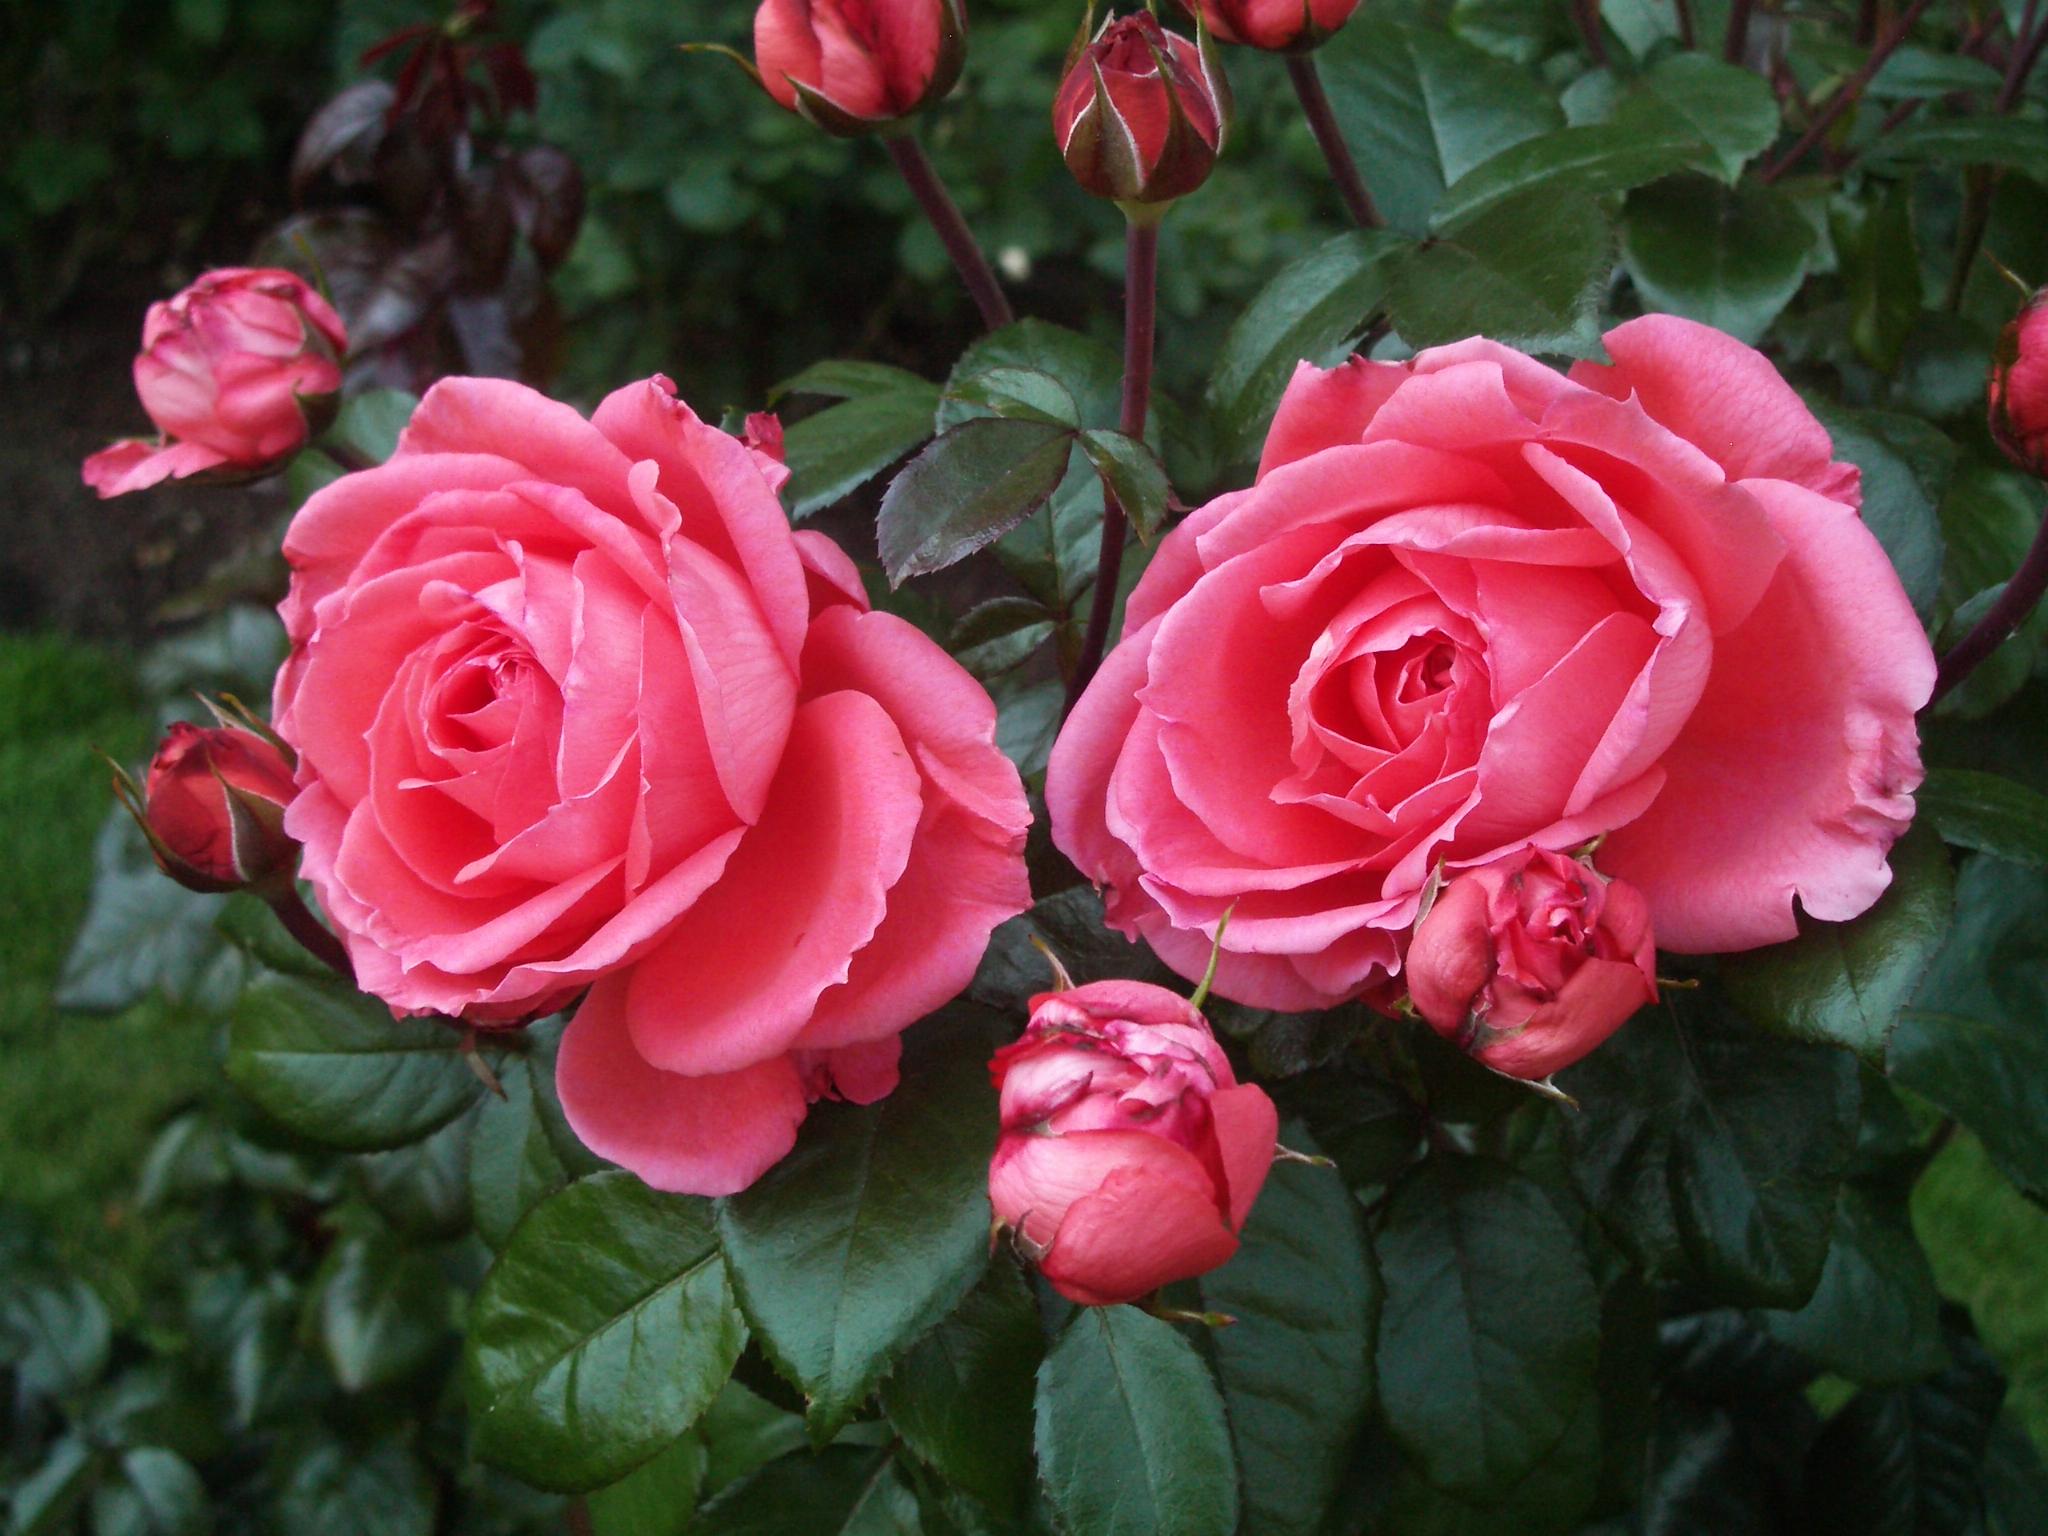 Y mas roses